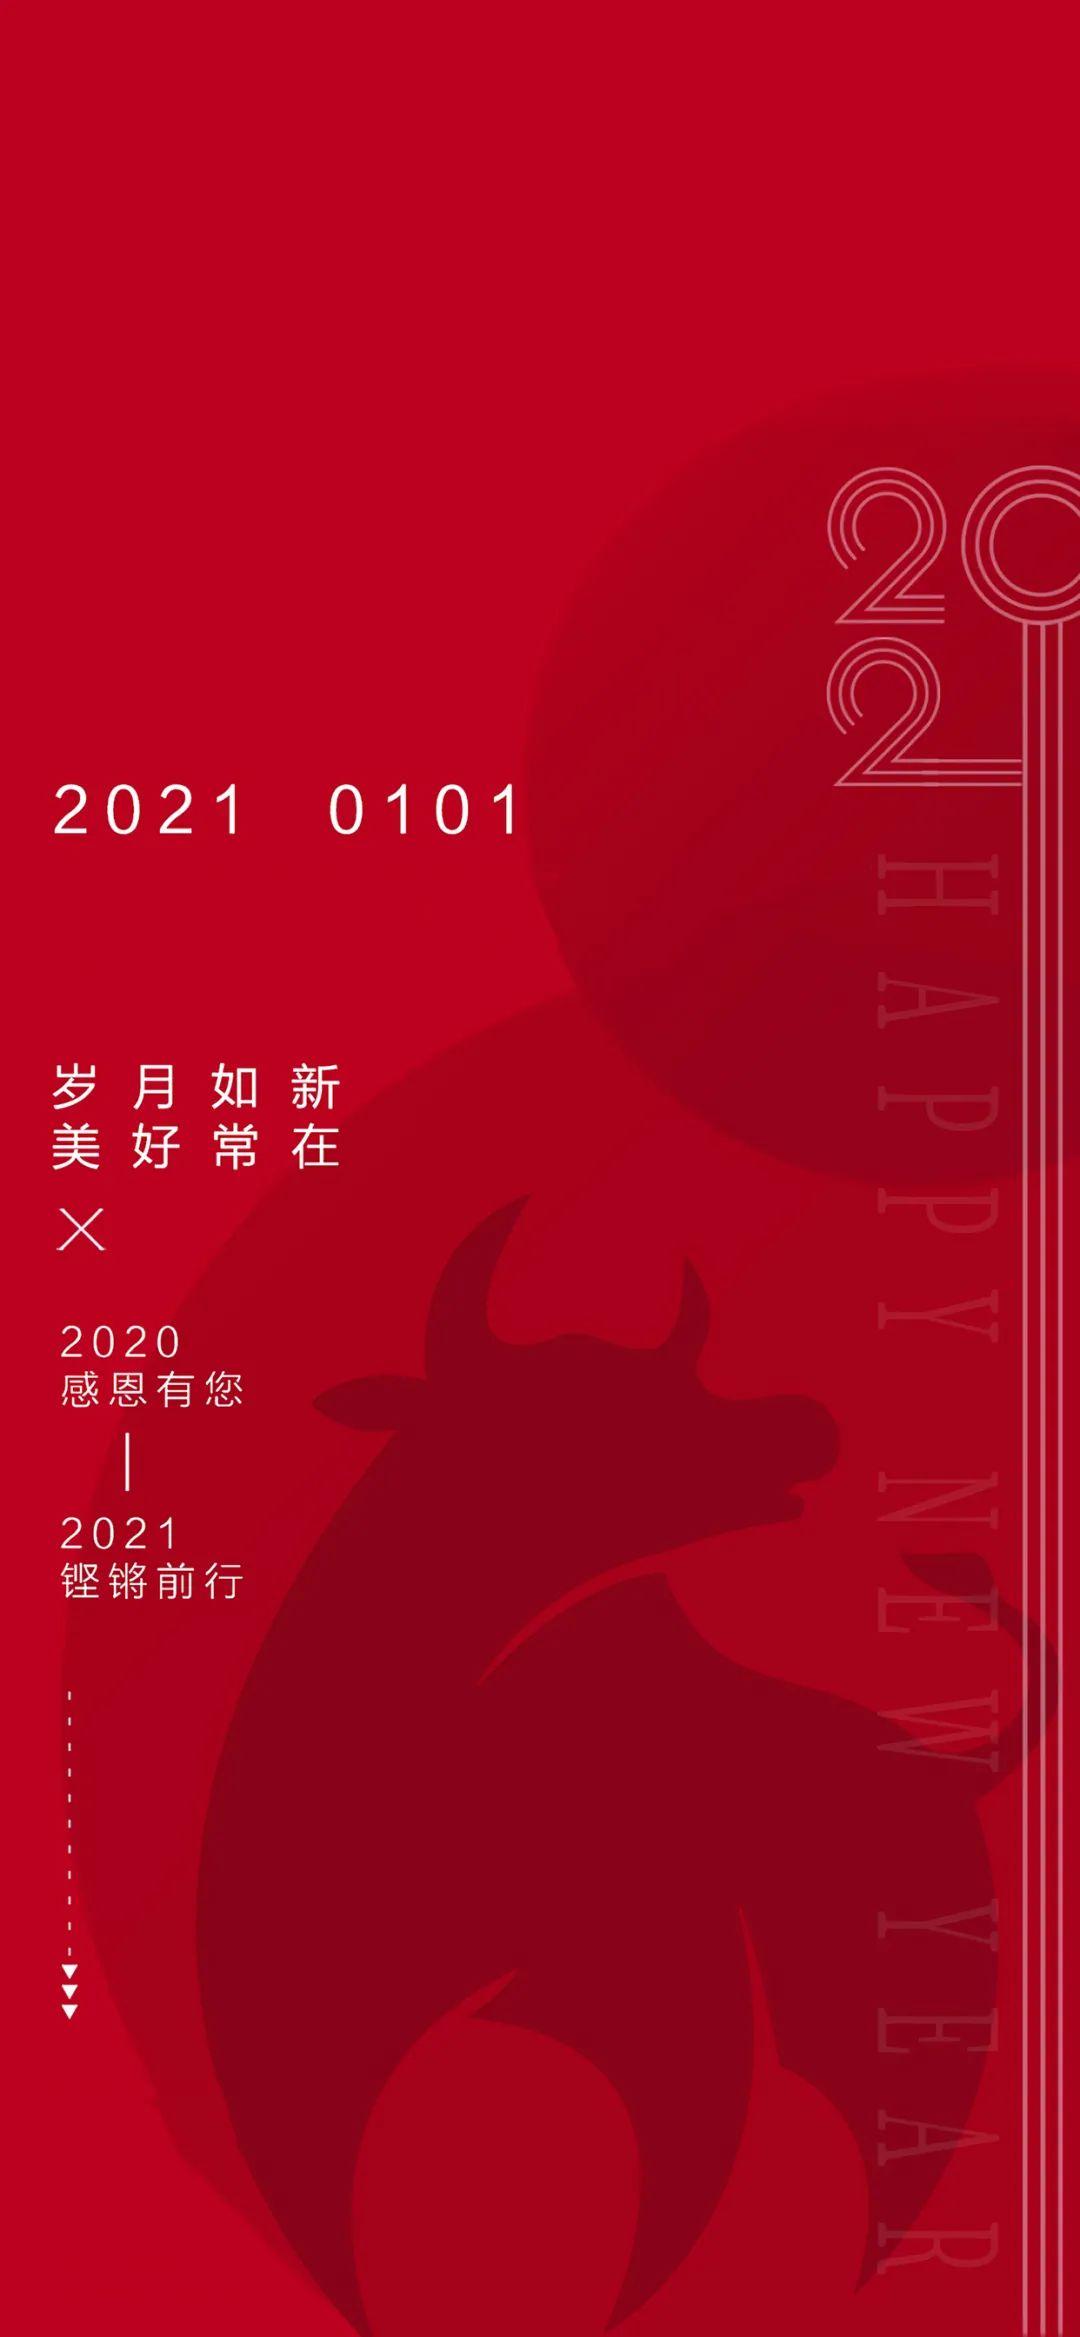 2021年元旦图片海报配图大全,元旦朋友圈祝福语句简短